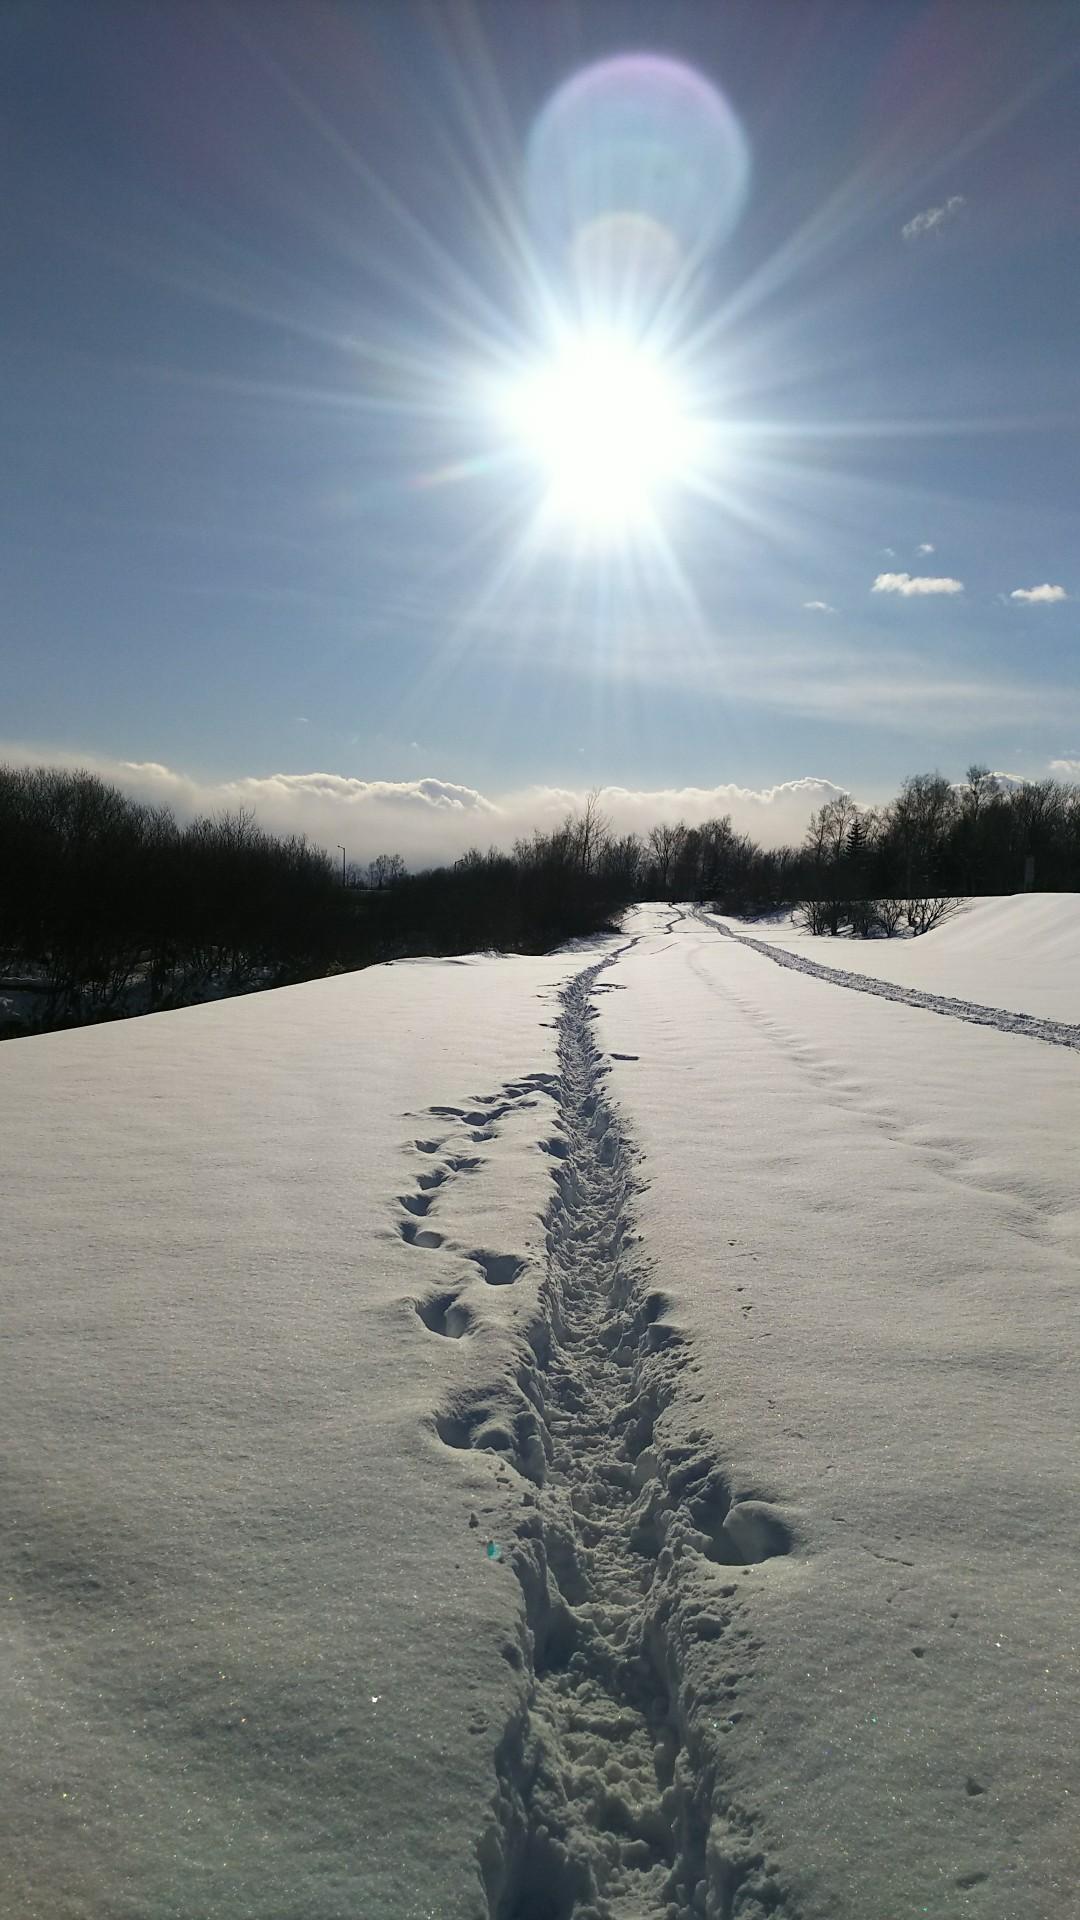 雪はふるふる、雪は降る_b0343293_22011138.jpg